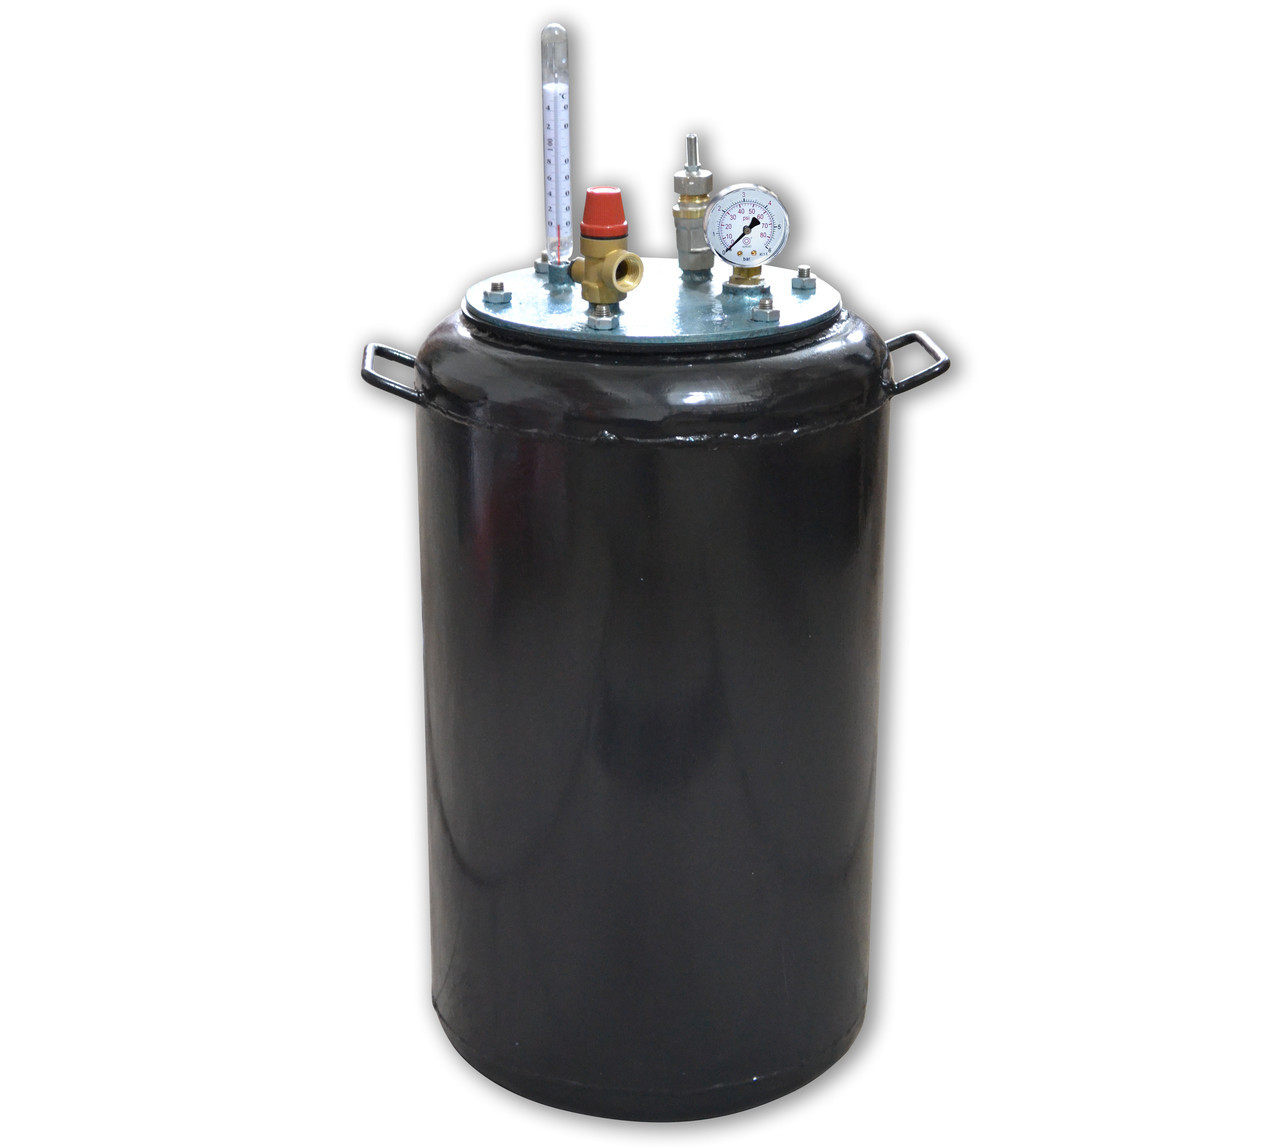 Автоклав на газ бытовой Утех32 (черная сталь 2.5 мм / 32 банок 0,5)